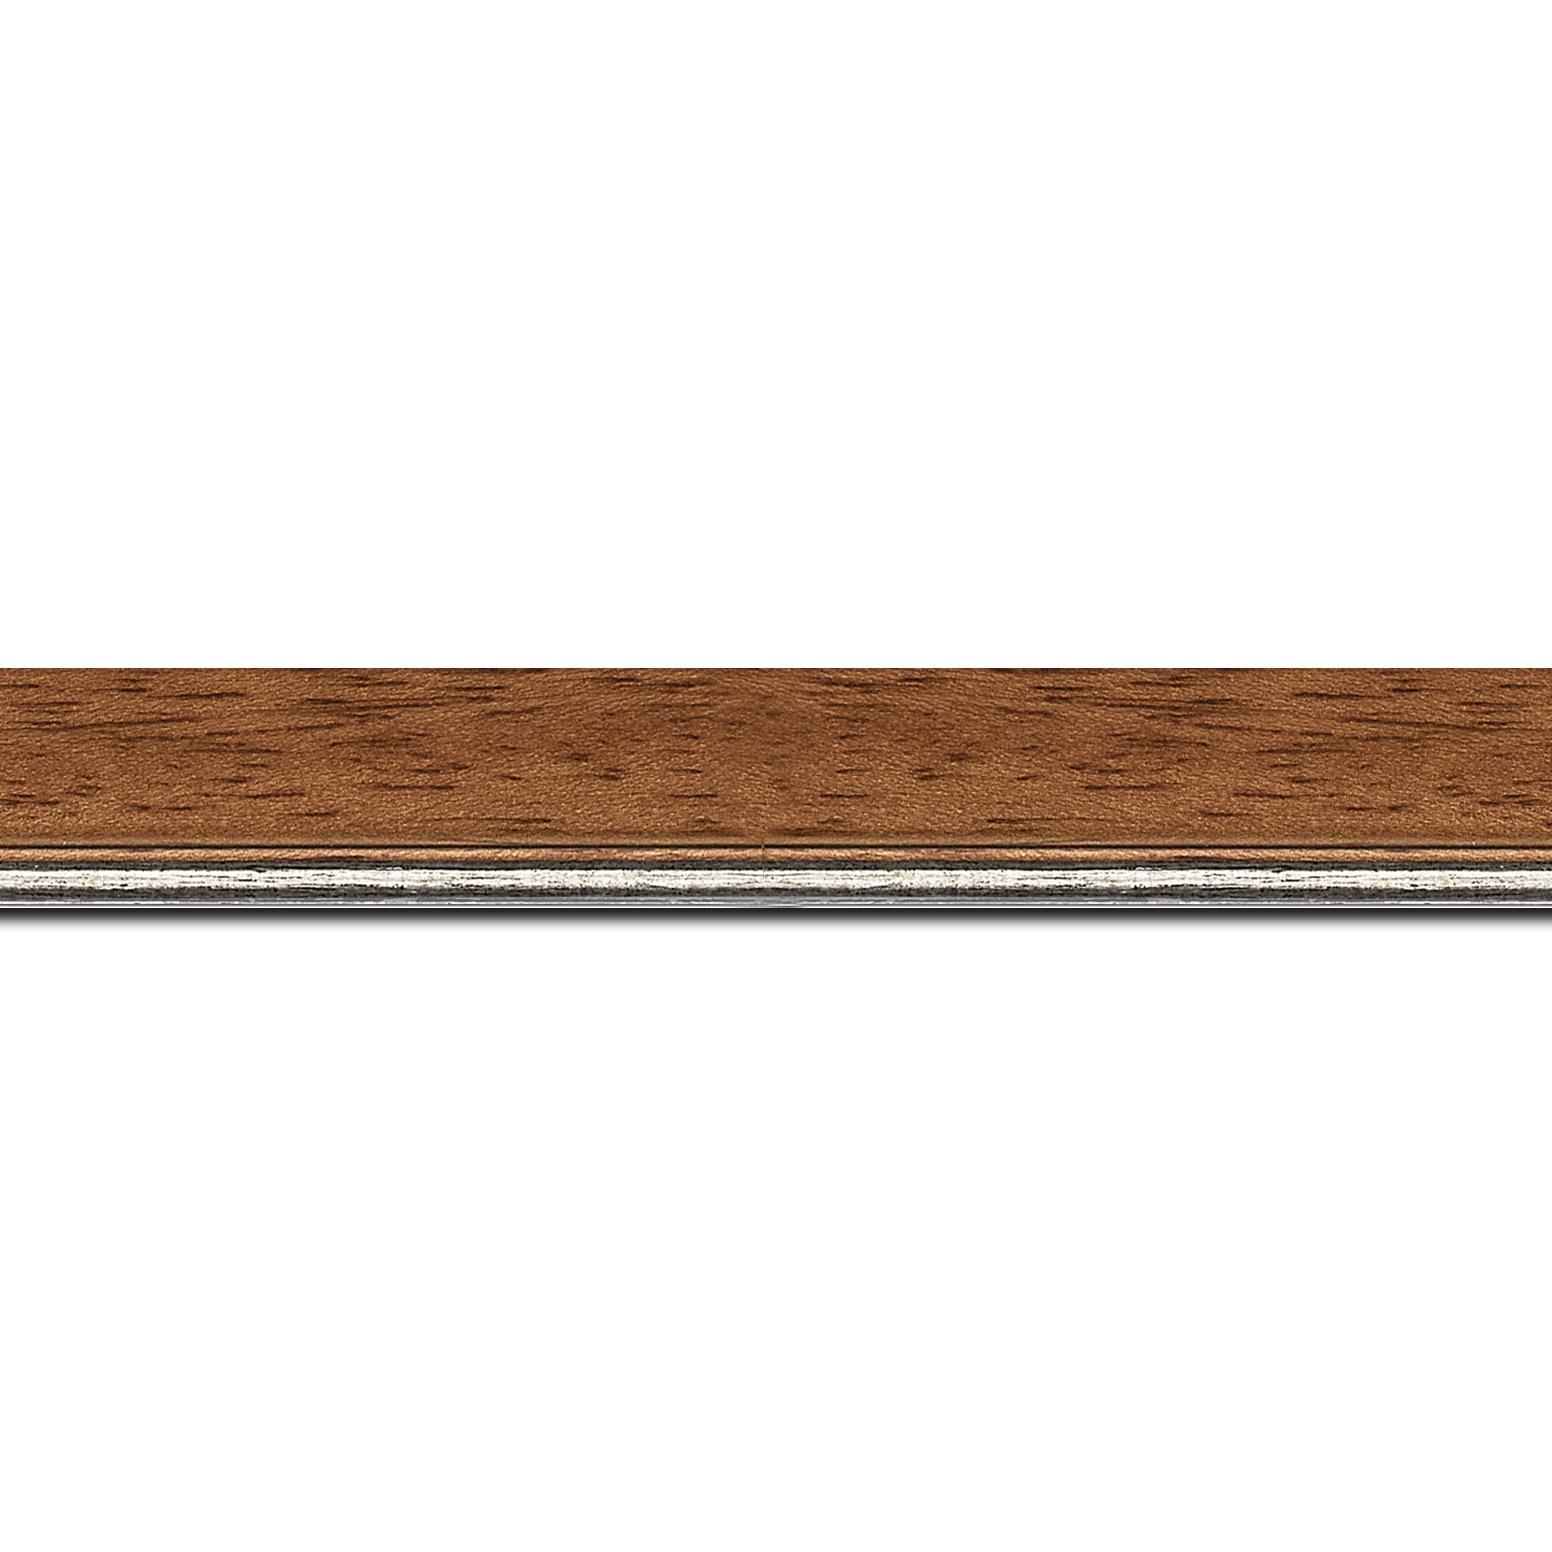 Baguette longueur 1.40m bois profil plat largeur 2.5cm couleur marron ton bois filet argent